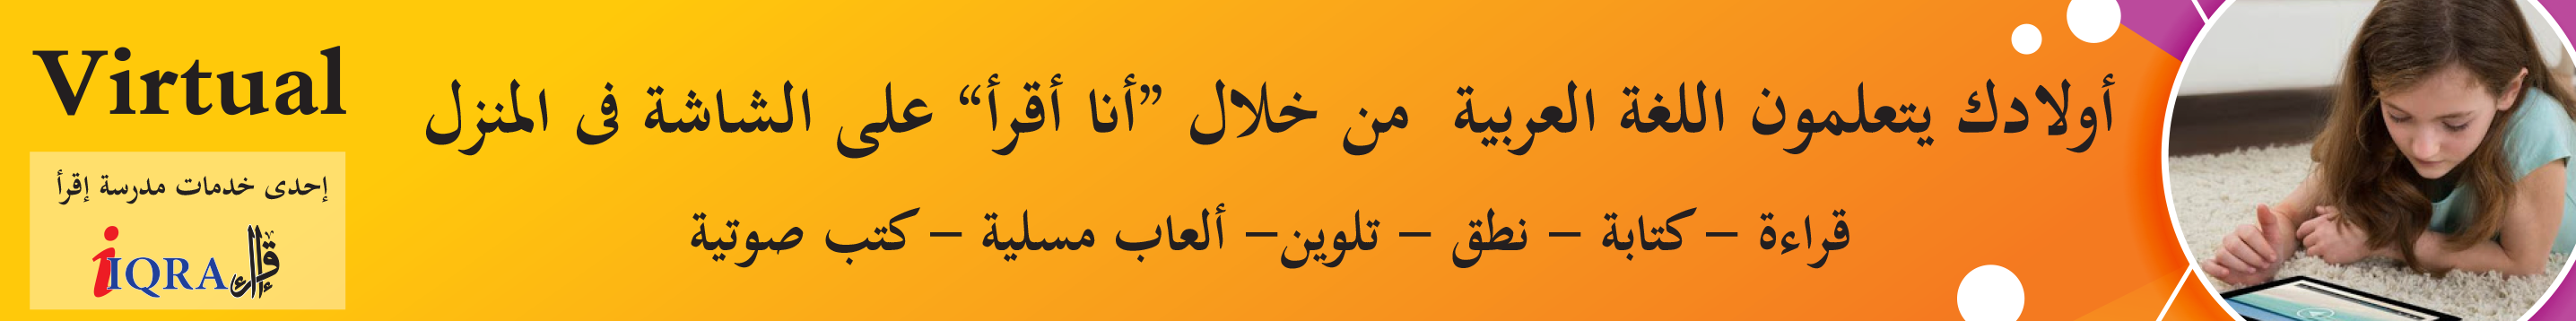 IIQRAA Campaign